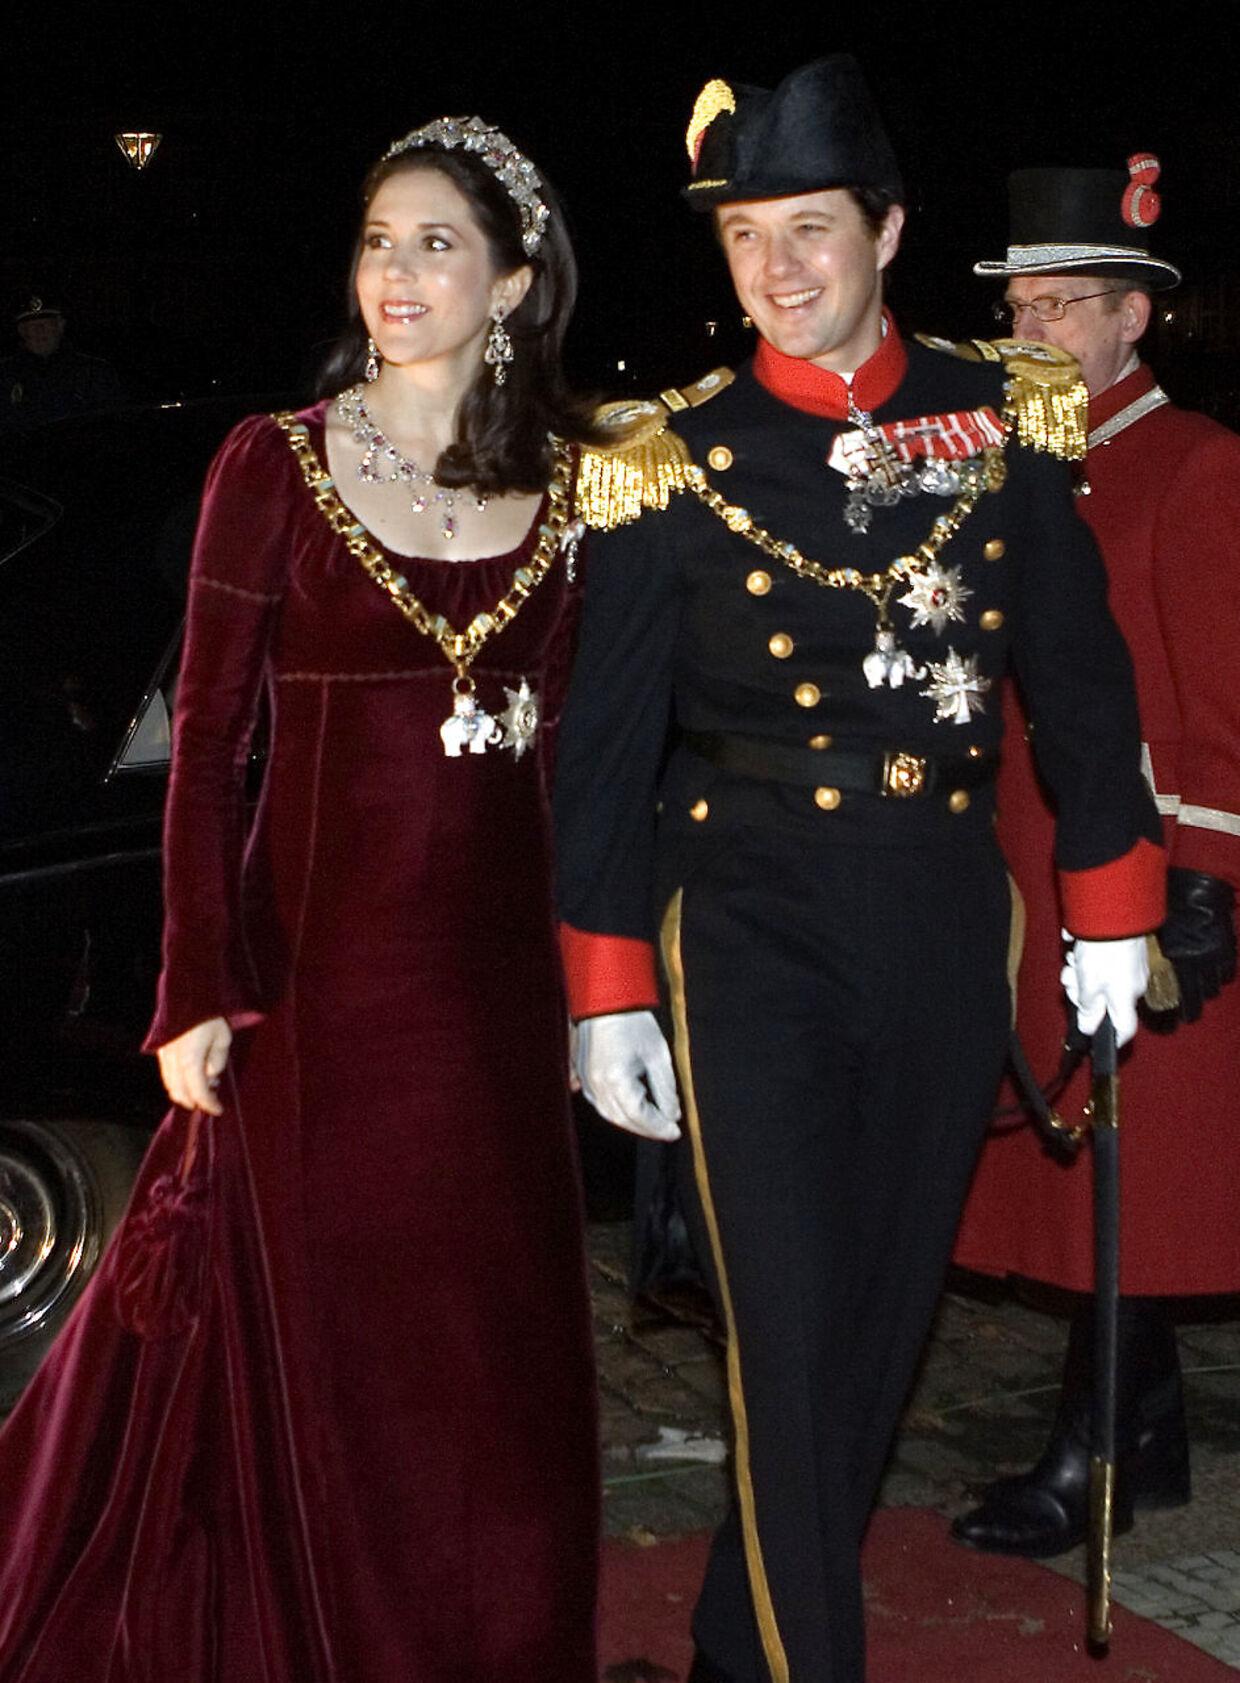 Kronprinsesse Mary og kronprins Frederik ved nytårstaflet i 2007.